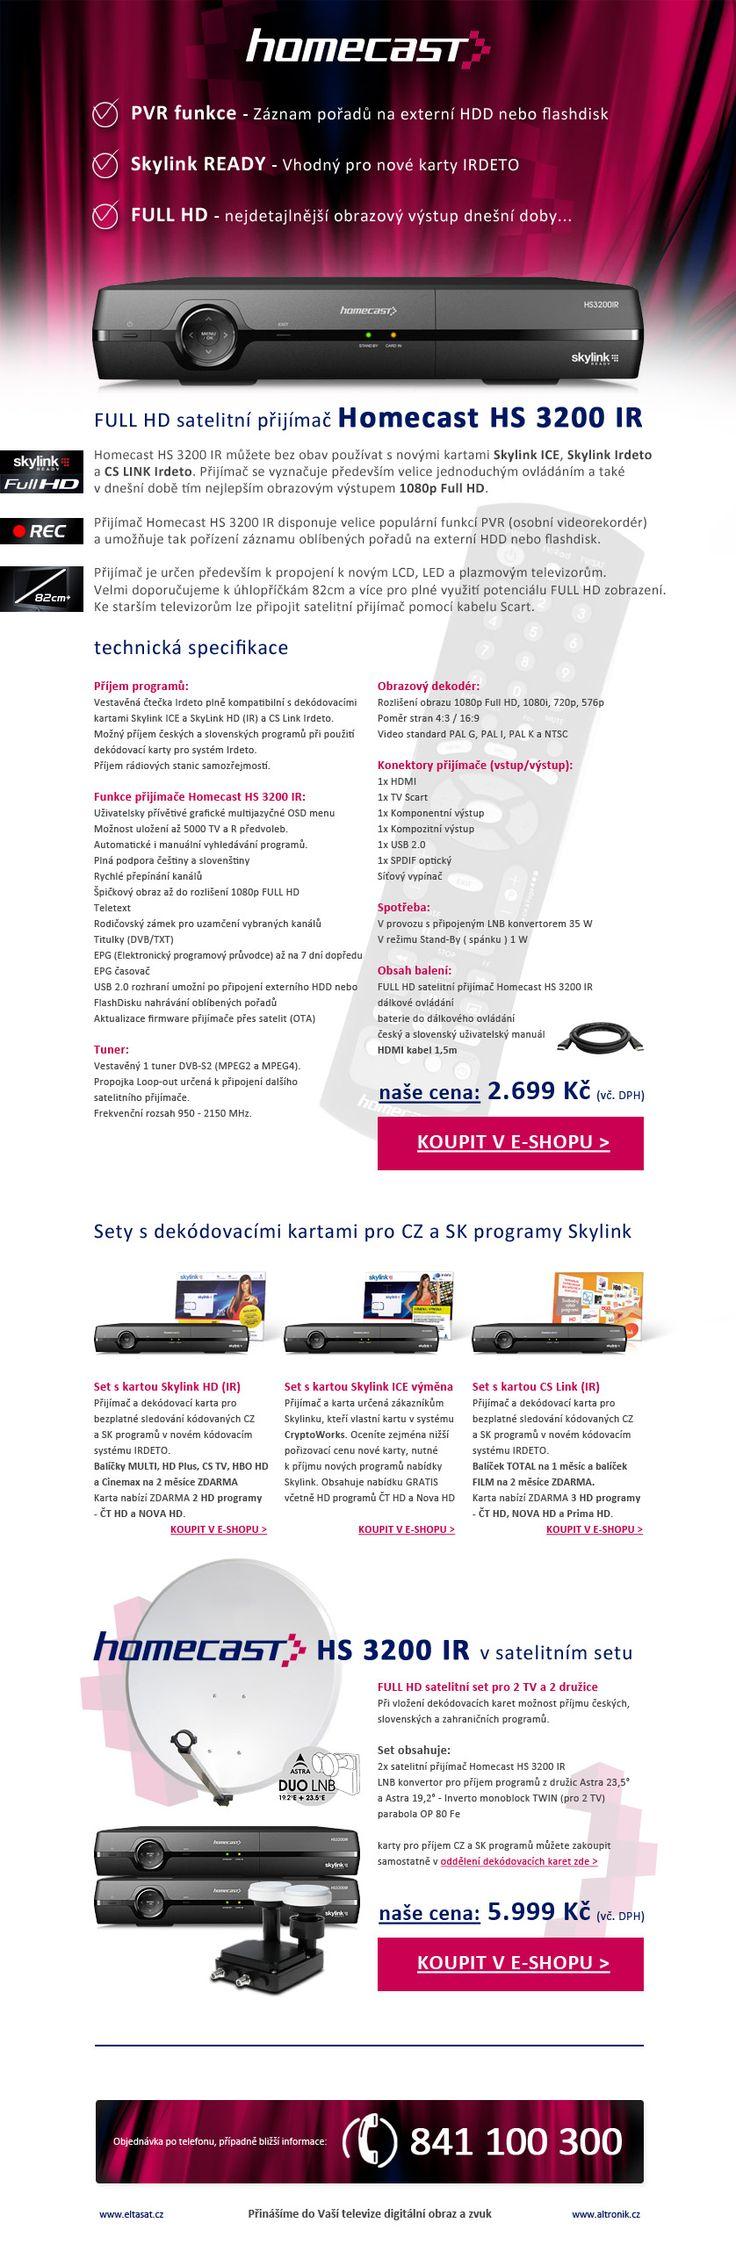 Homecast HS 3200